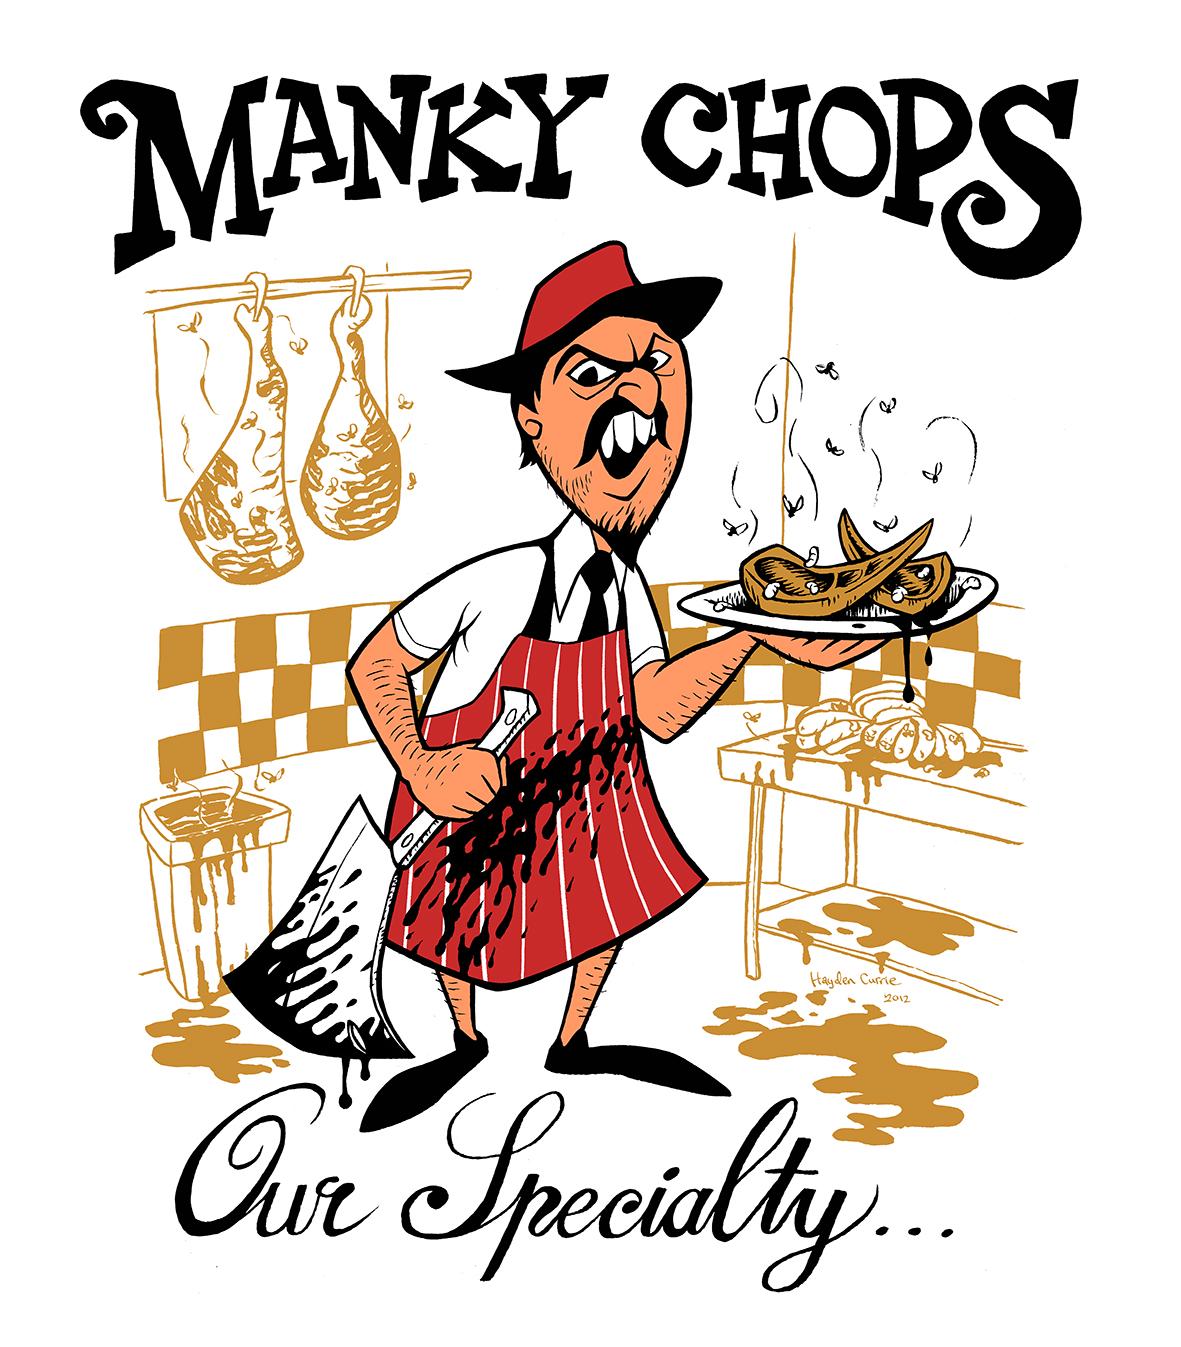 Manky Chops